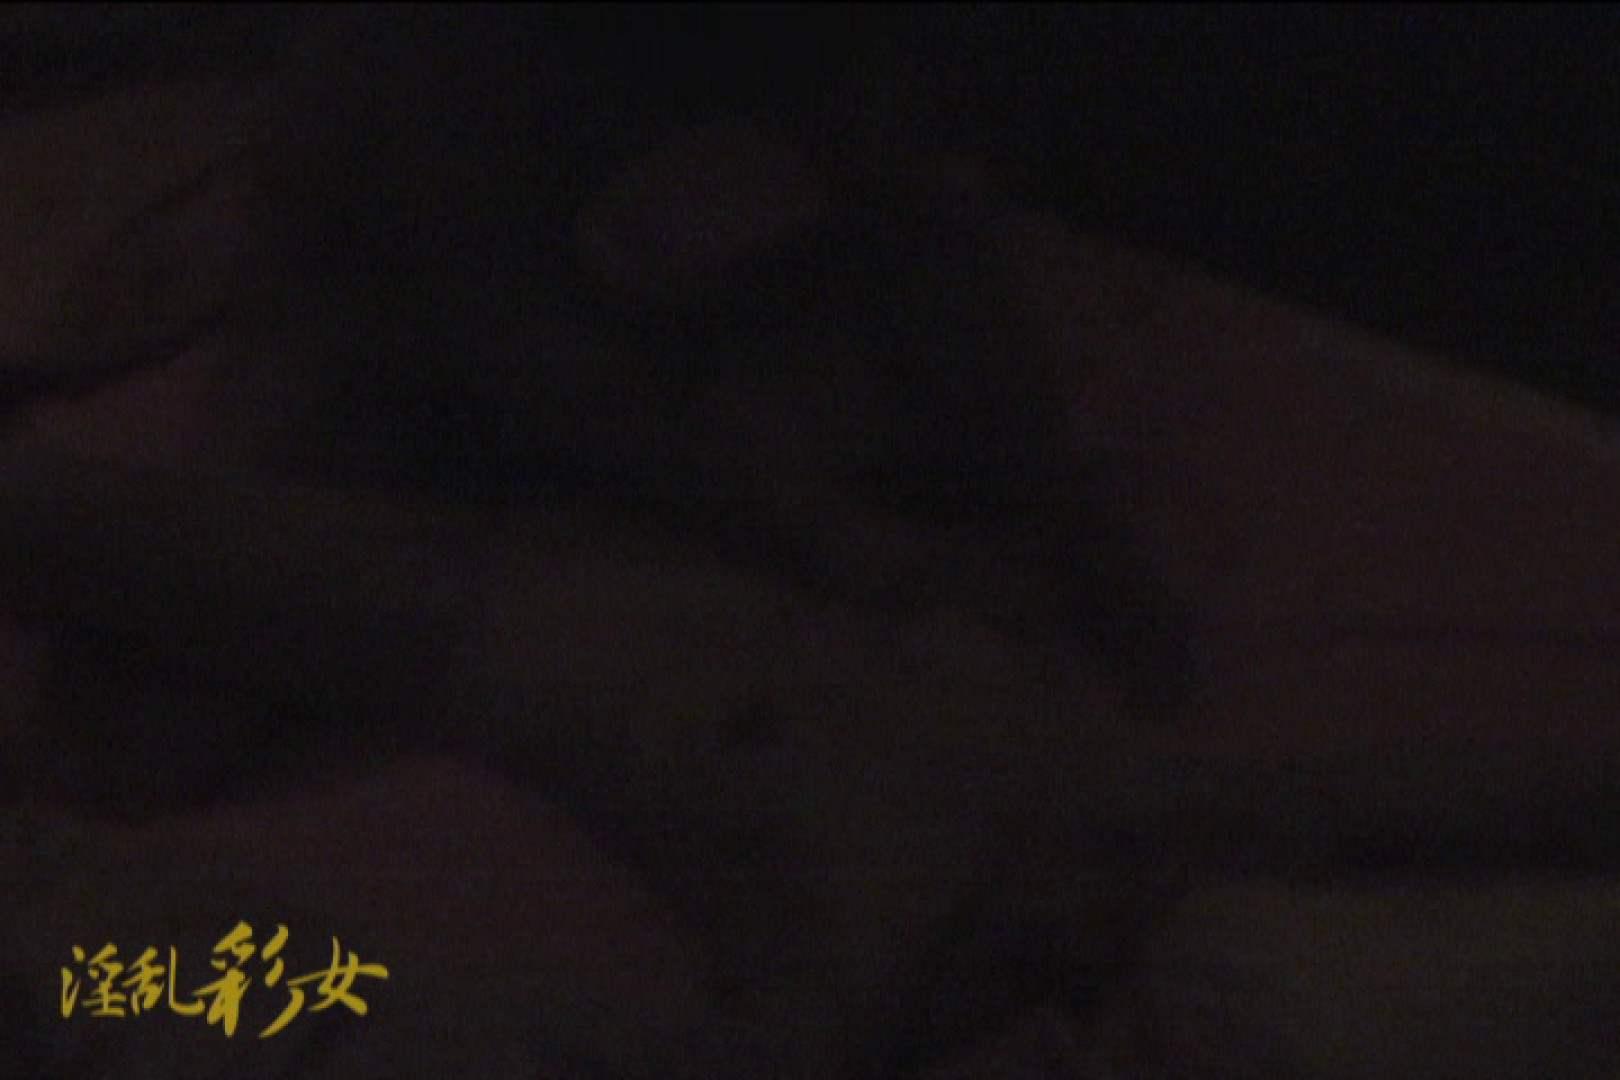 淫乱彩女 麻優里 旦那の前で王様ゲーム 一般投稿 セックス画像 101pic 58